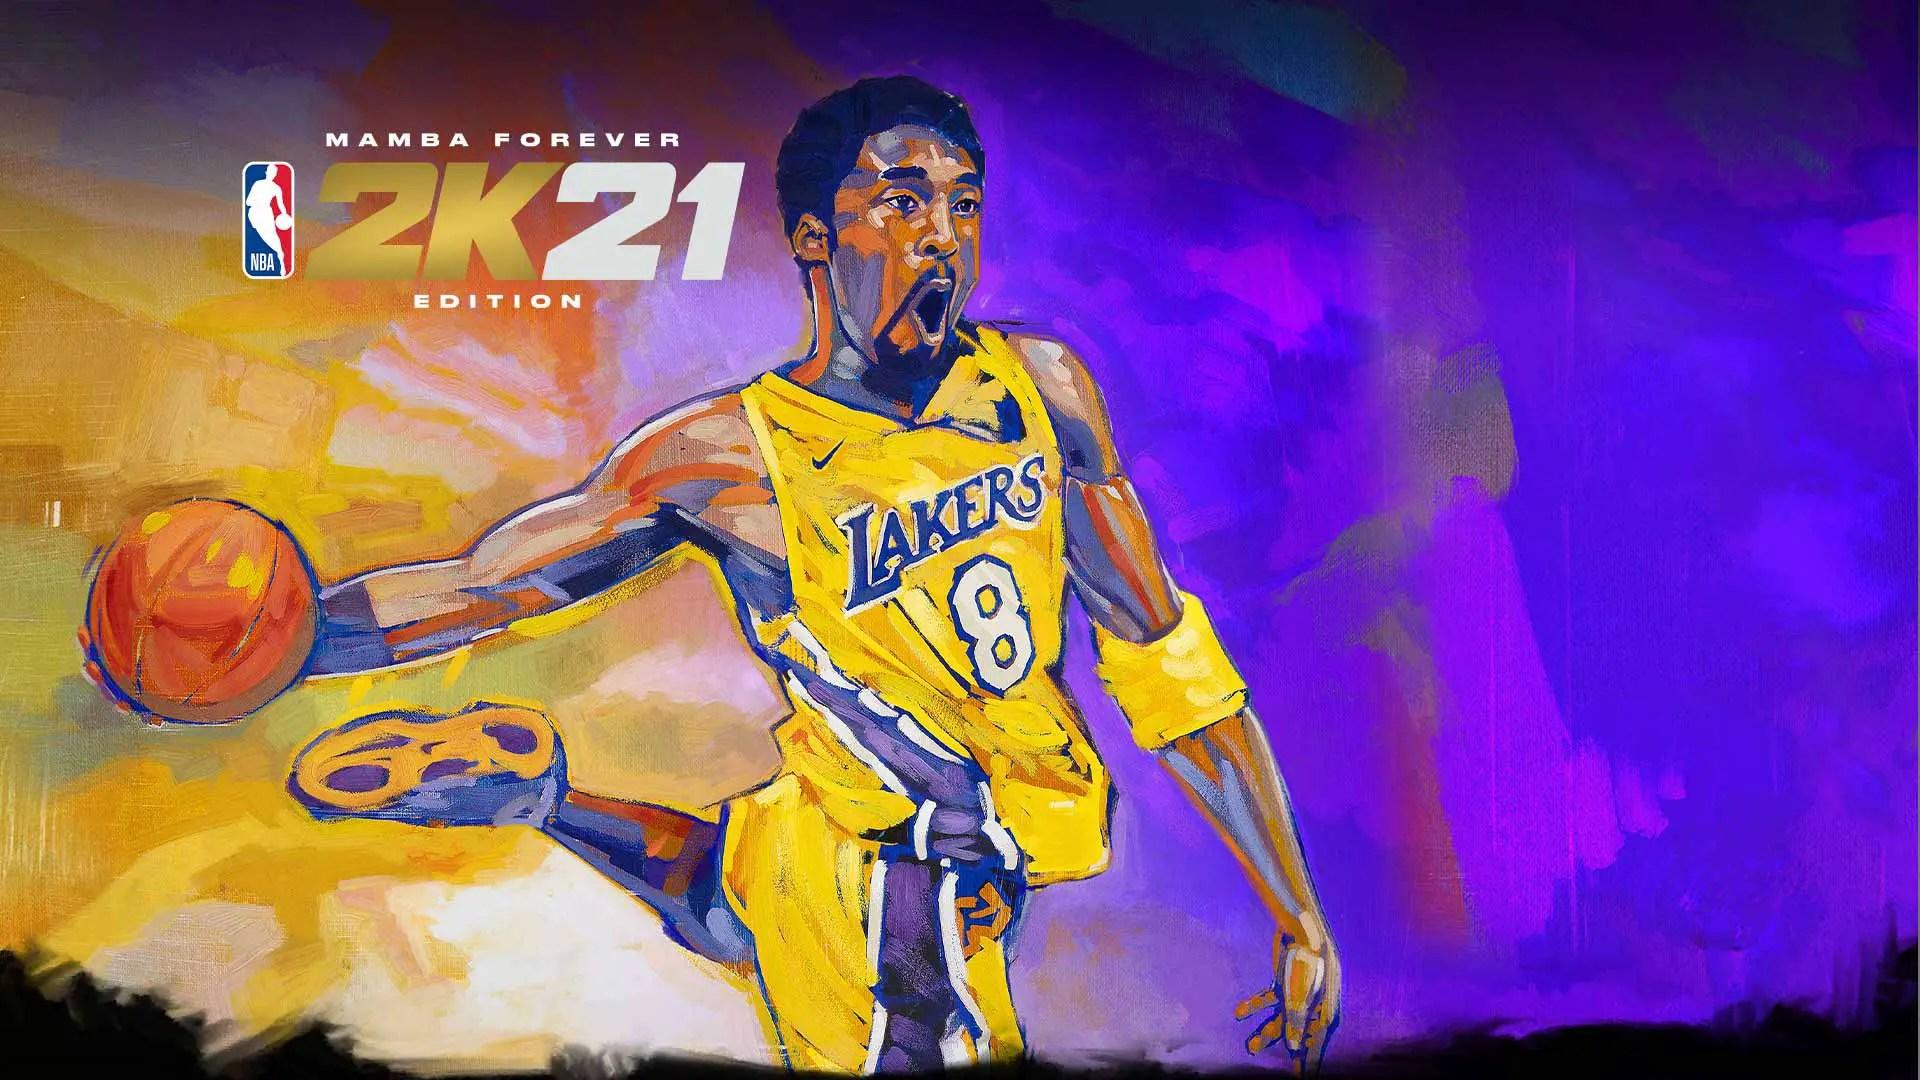 Nba 2k21 Demo Goes Live On Kobe Bryant Day Game Freaks 365